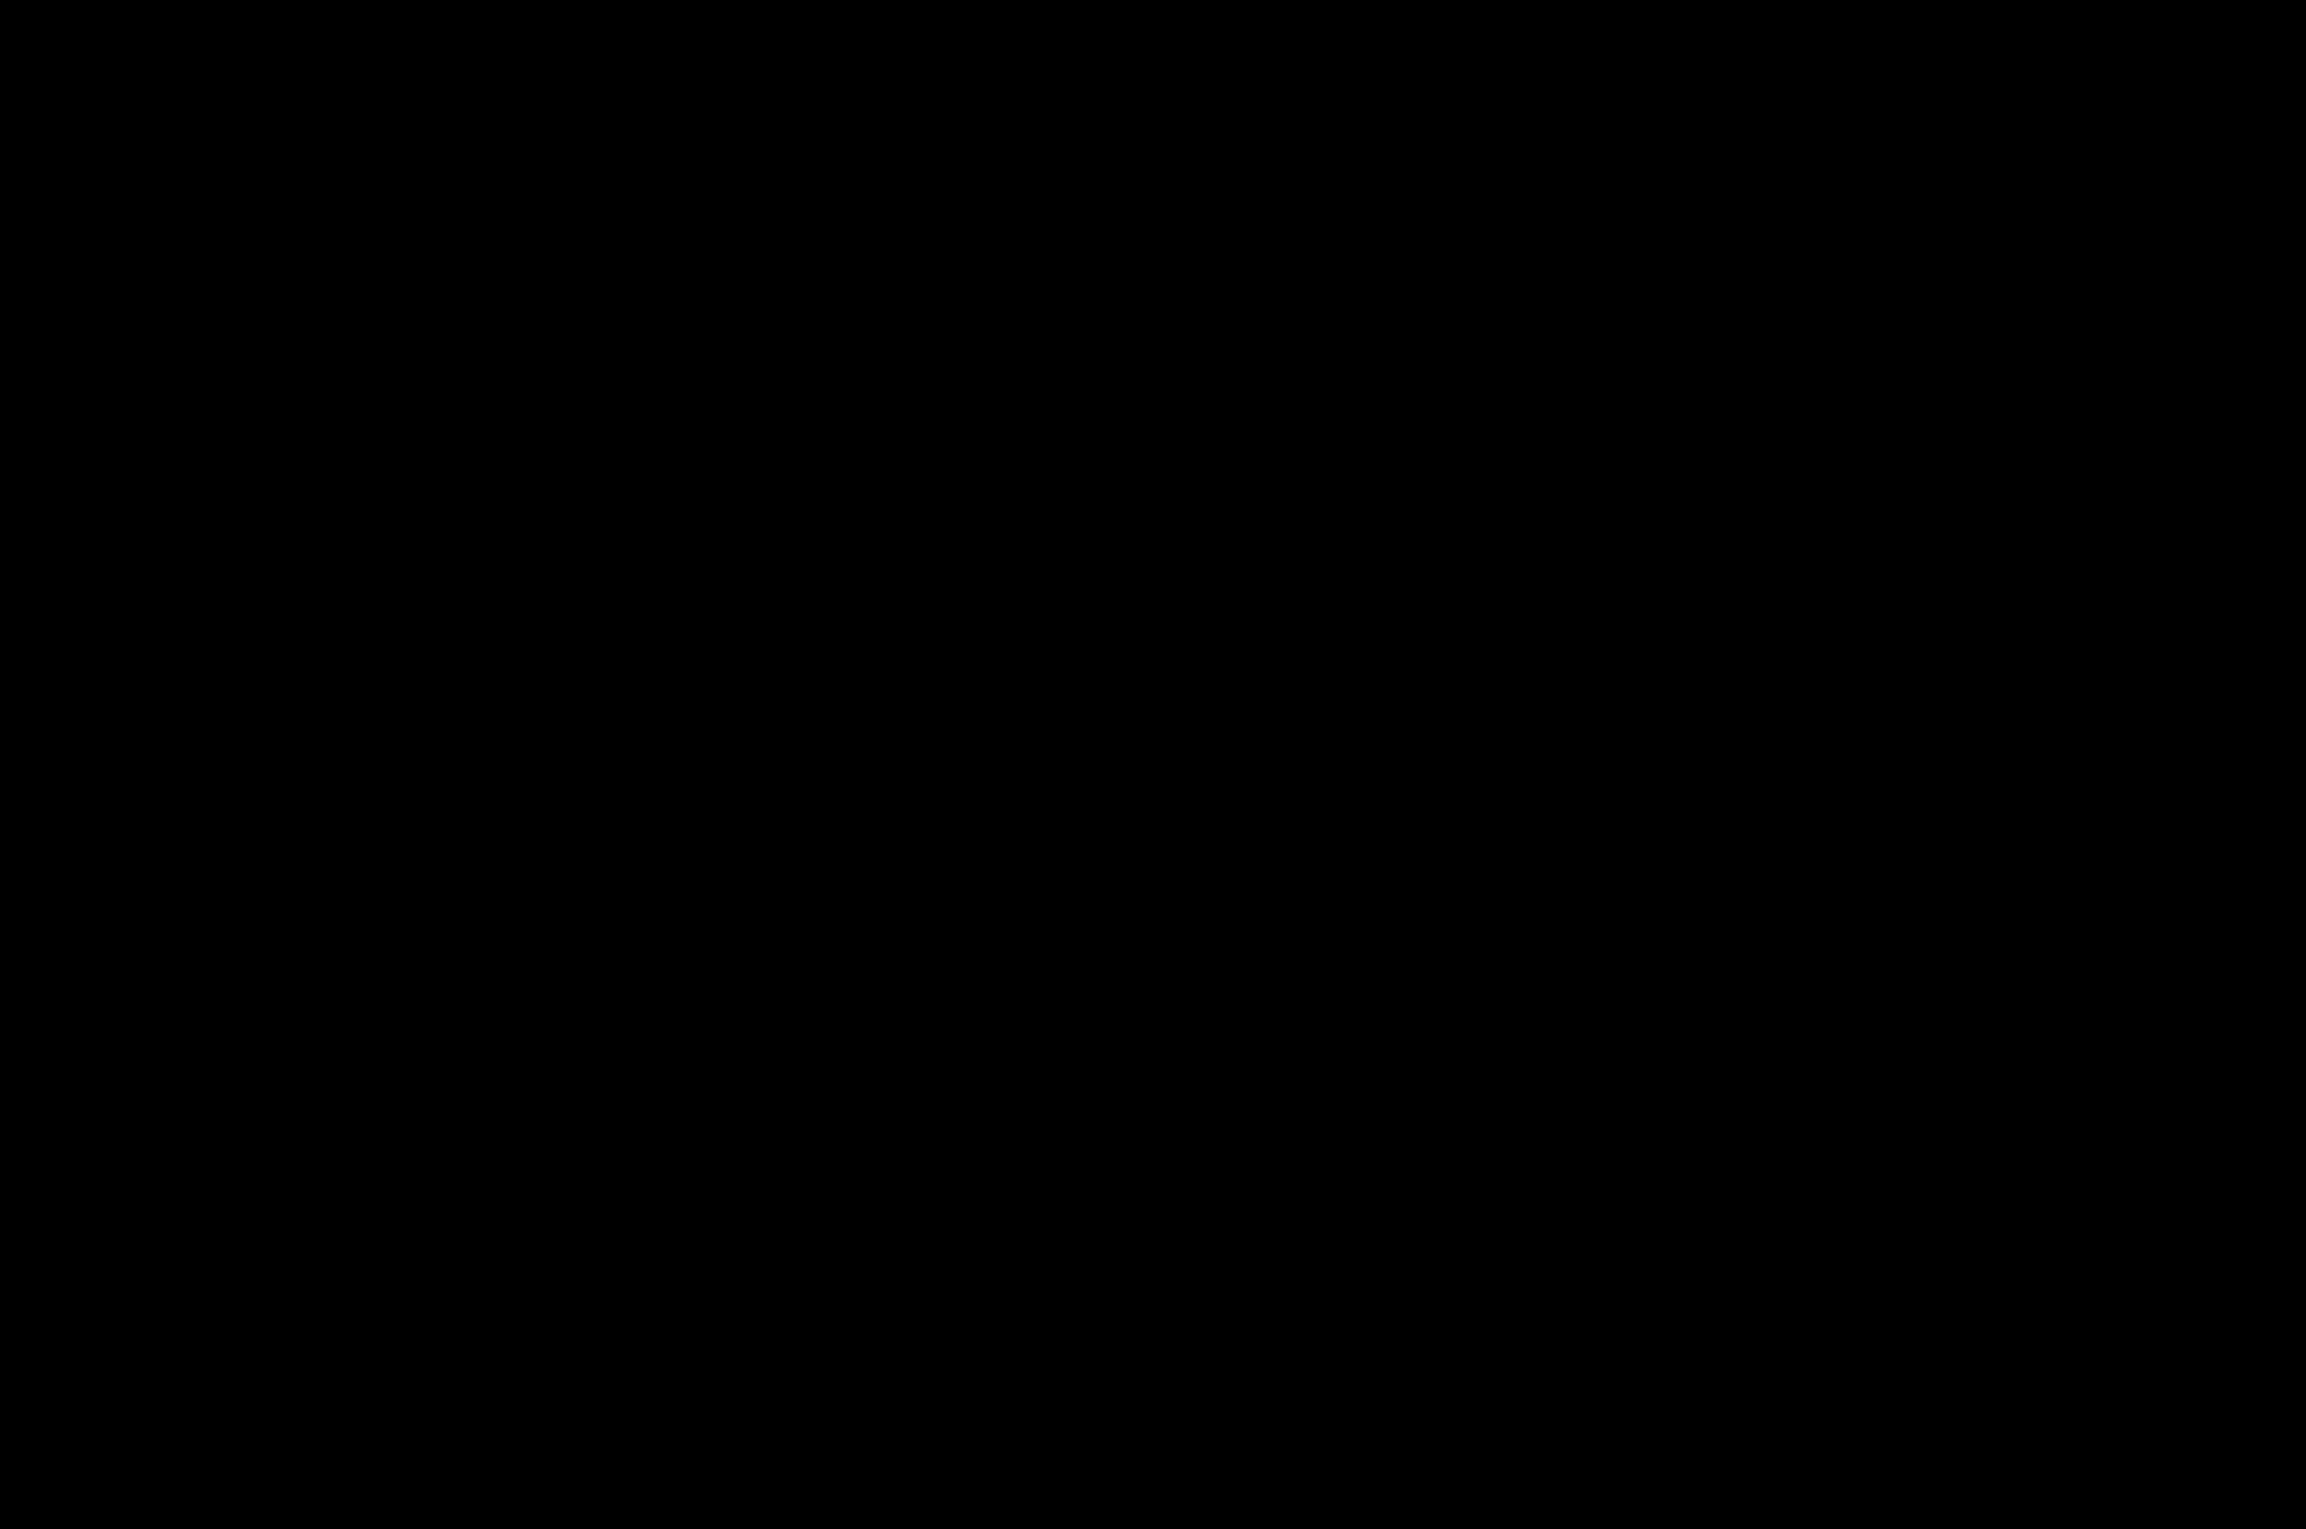 llautmenorquín